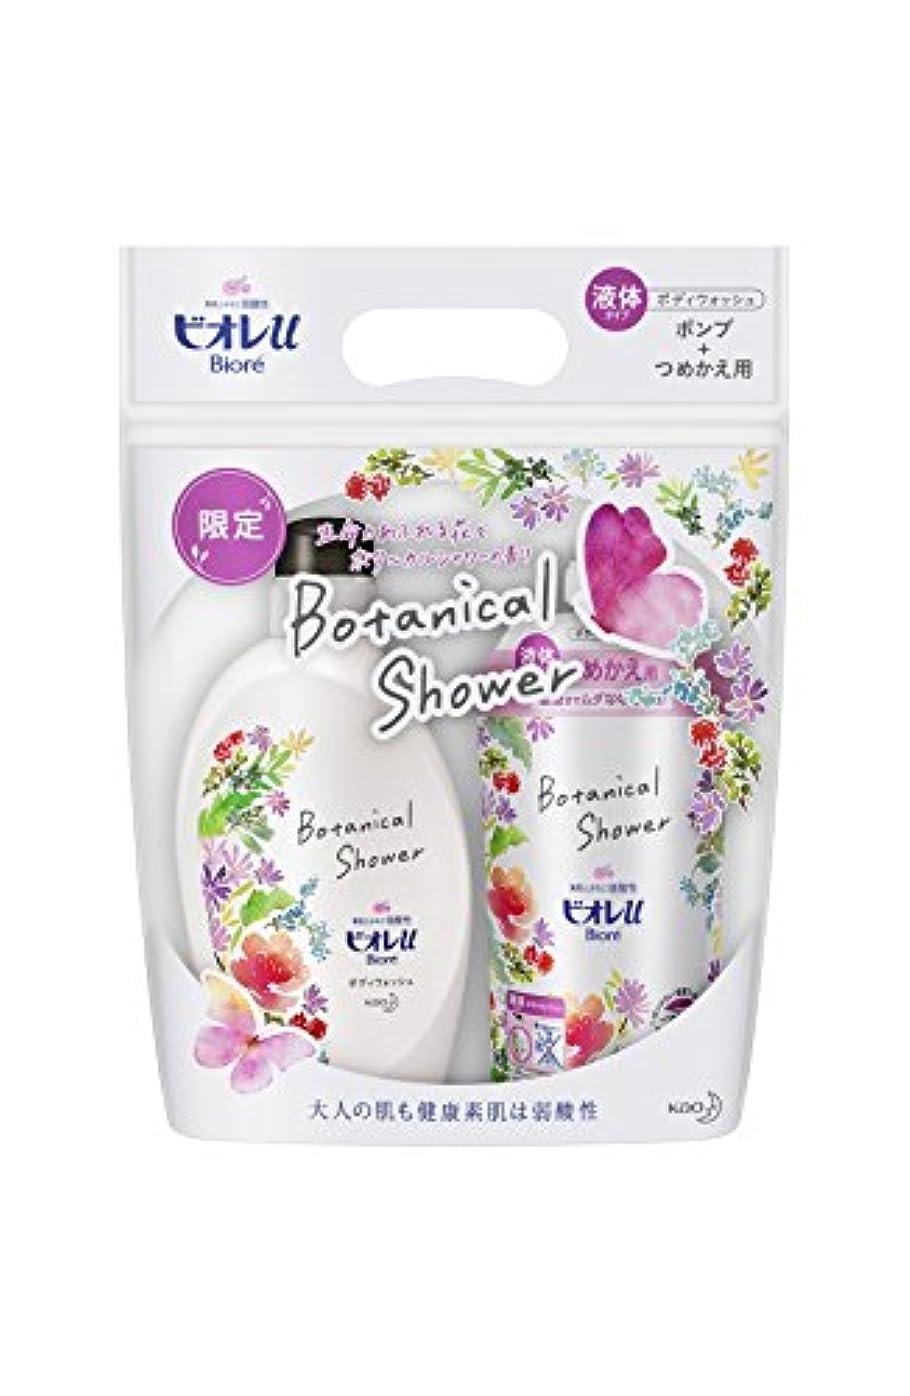 派手愛国的なキモいビオレu ボディウォッシュ ボタニカルシャワーの香り ポンプ+つめかえ用 (480ml+340ml)